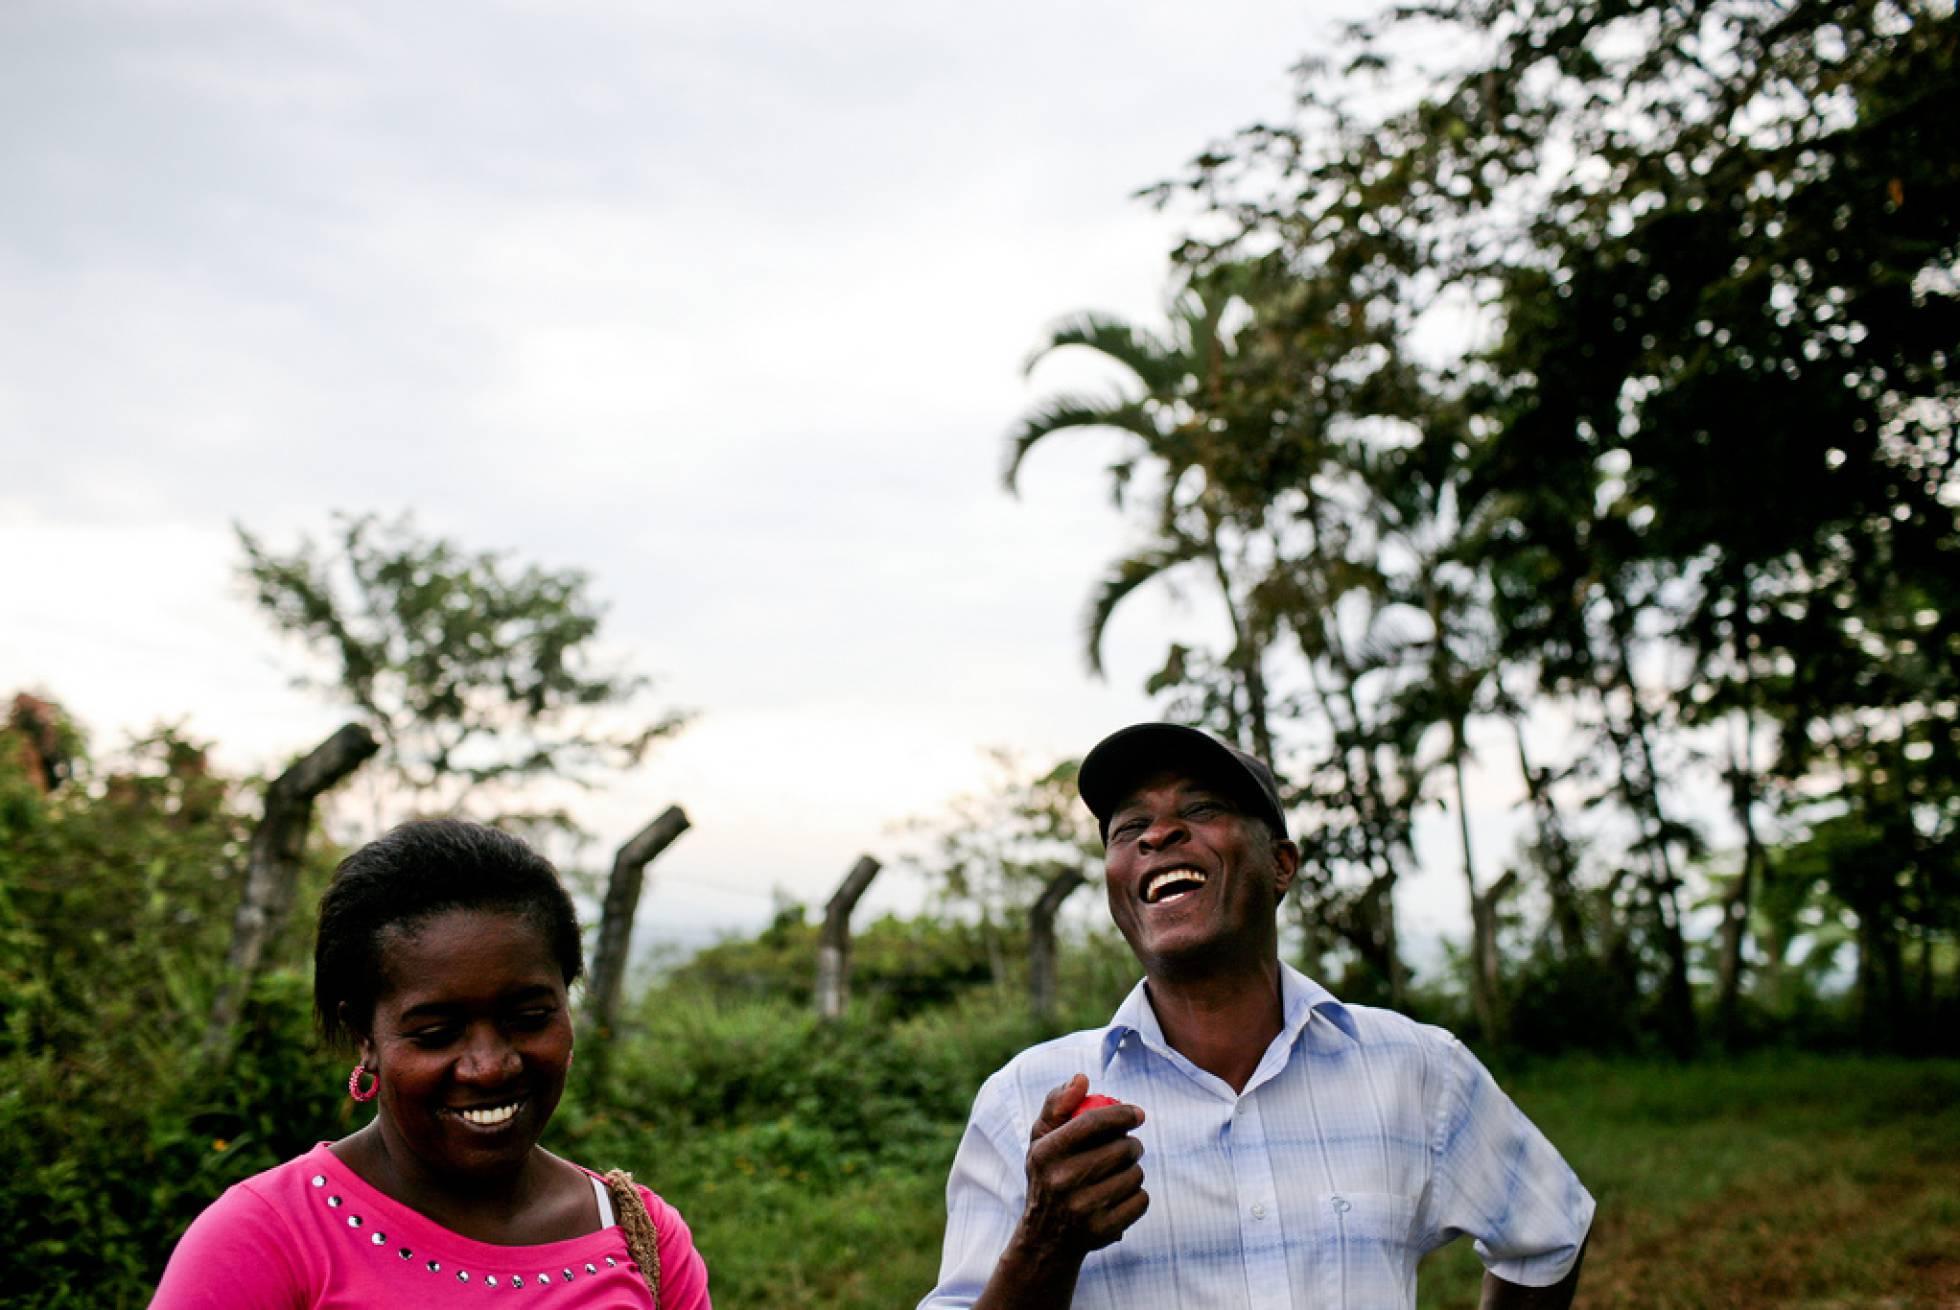 La inclusión de los afrodescendientes, una deuda histórica en América Latina